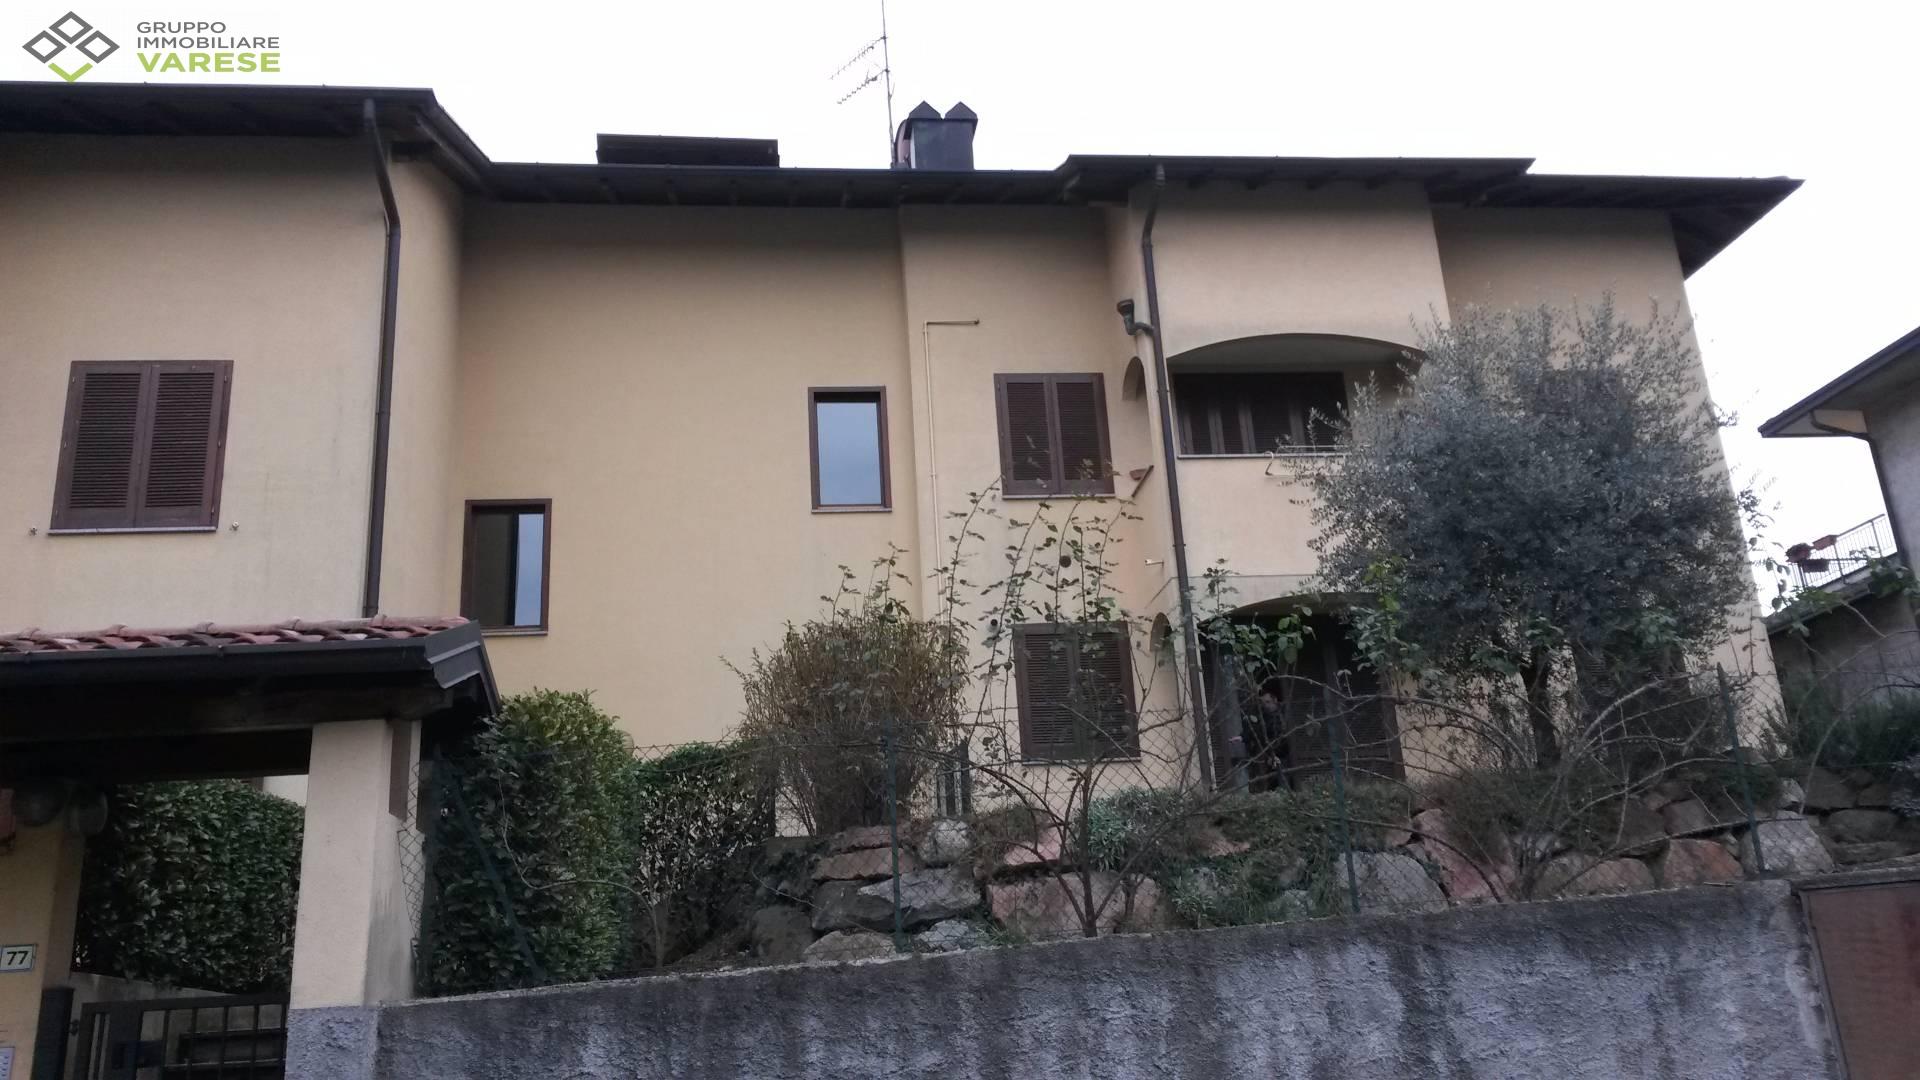 Appartamento in vendita a Biandronno, 2 locali, prezzo € 120.000 | CambioCasa.it